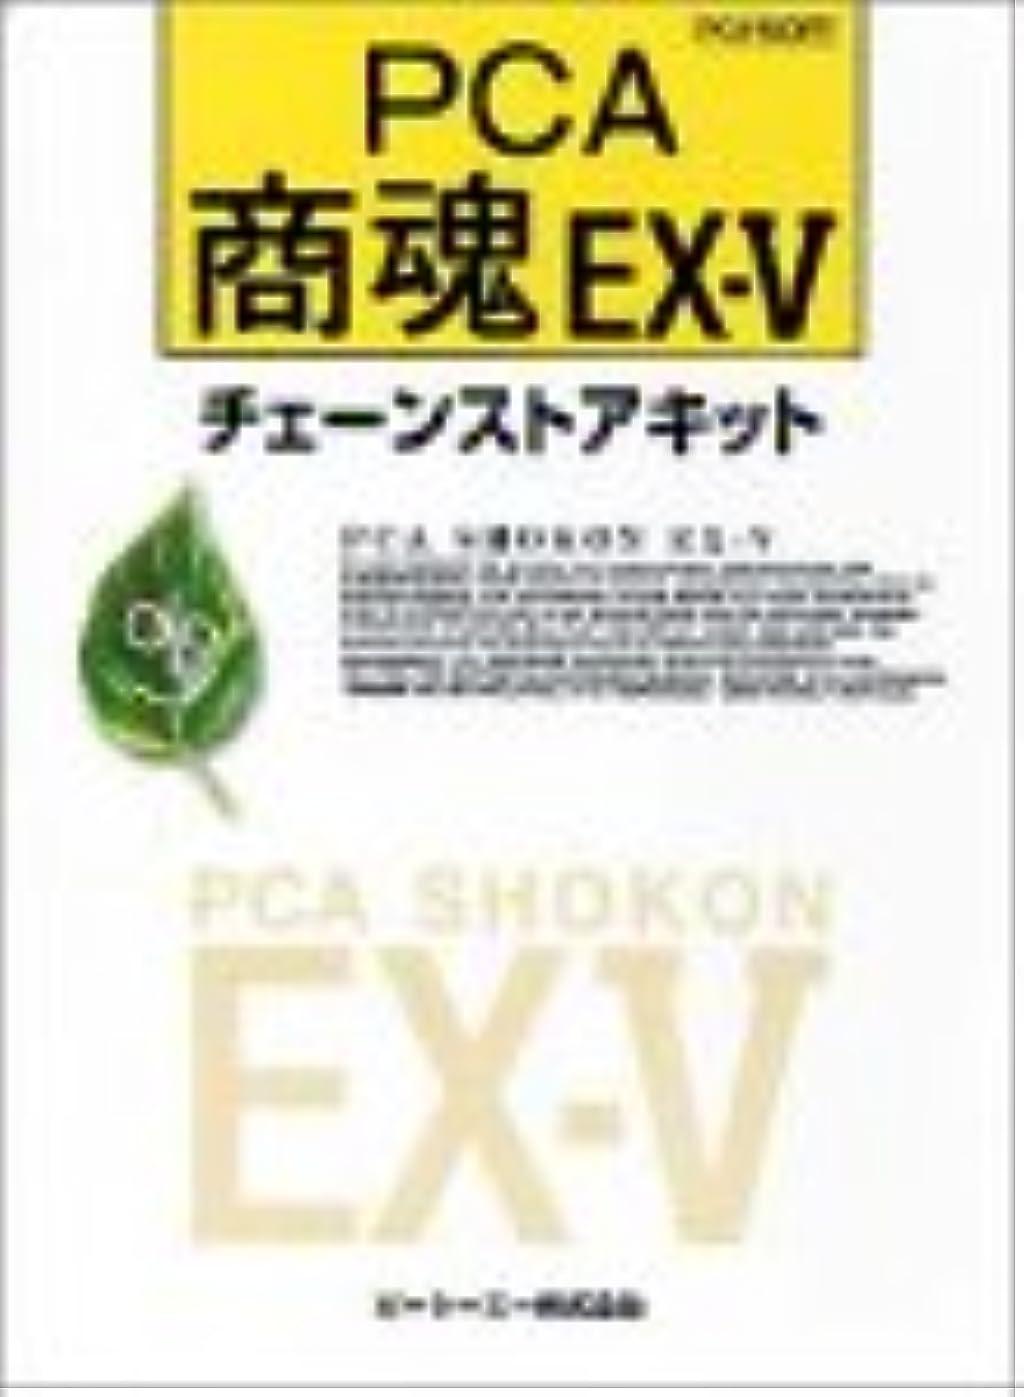 かもめ手錠稚魚PCA商魂EX-V/2000チェーンストアキット